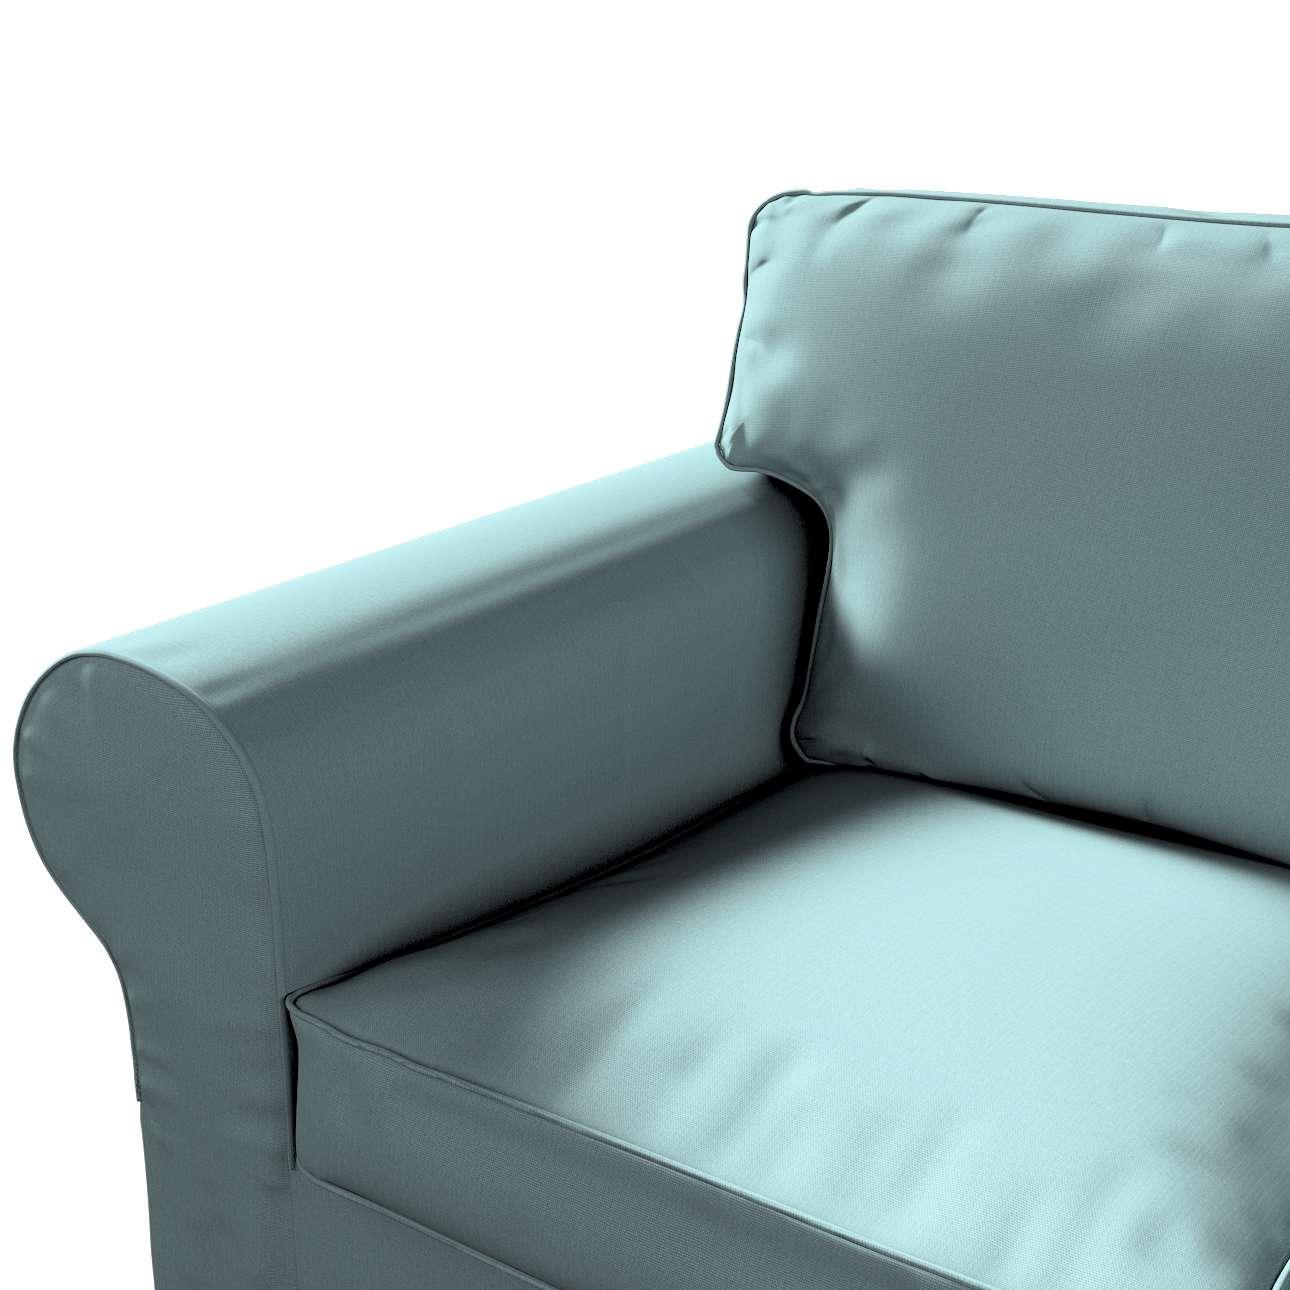 Pokrowiec na sofę Ektorp 3-osobową, rozkładaną, PIXBO w kolekcji Cotton Panama, tkanina: 702-40